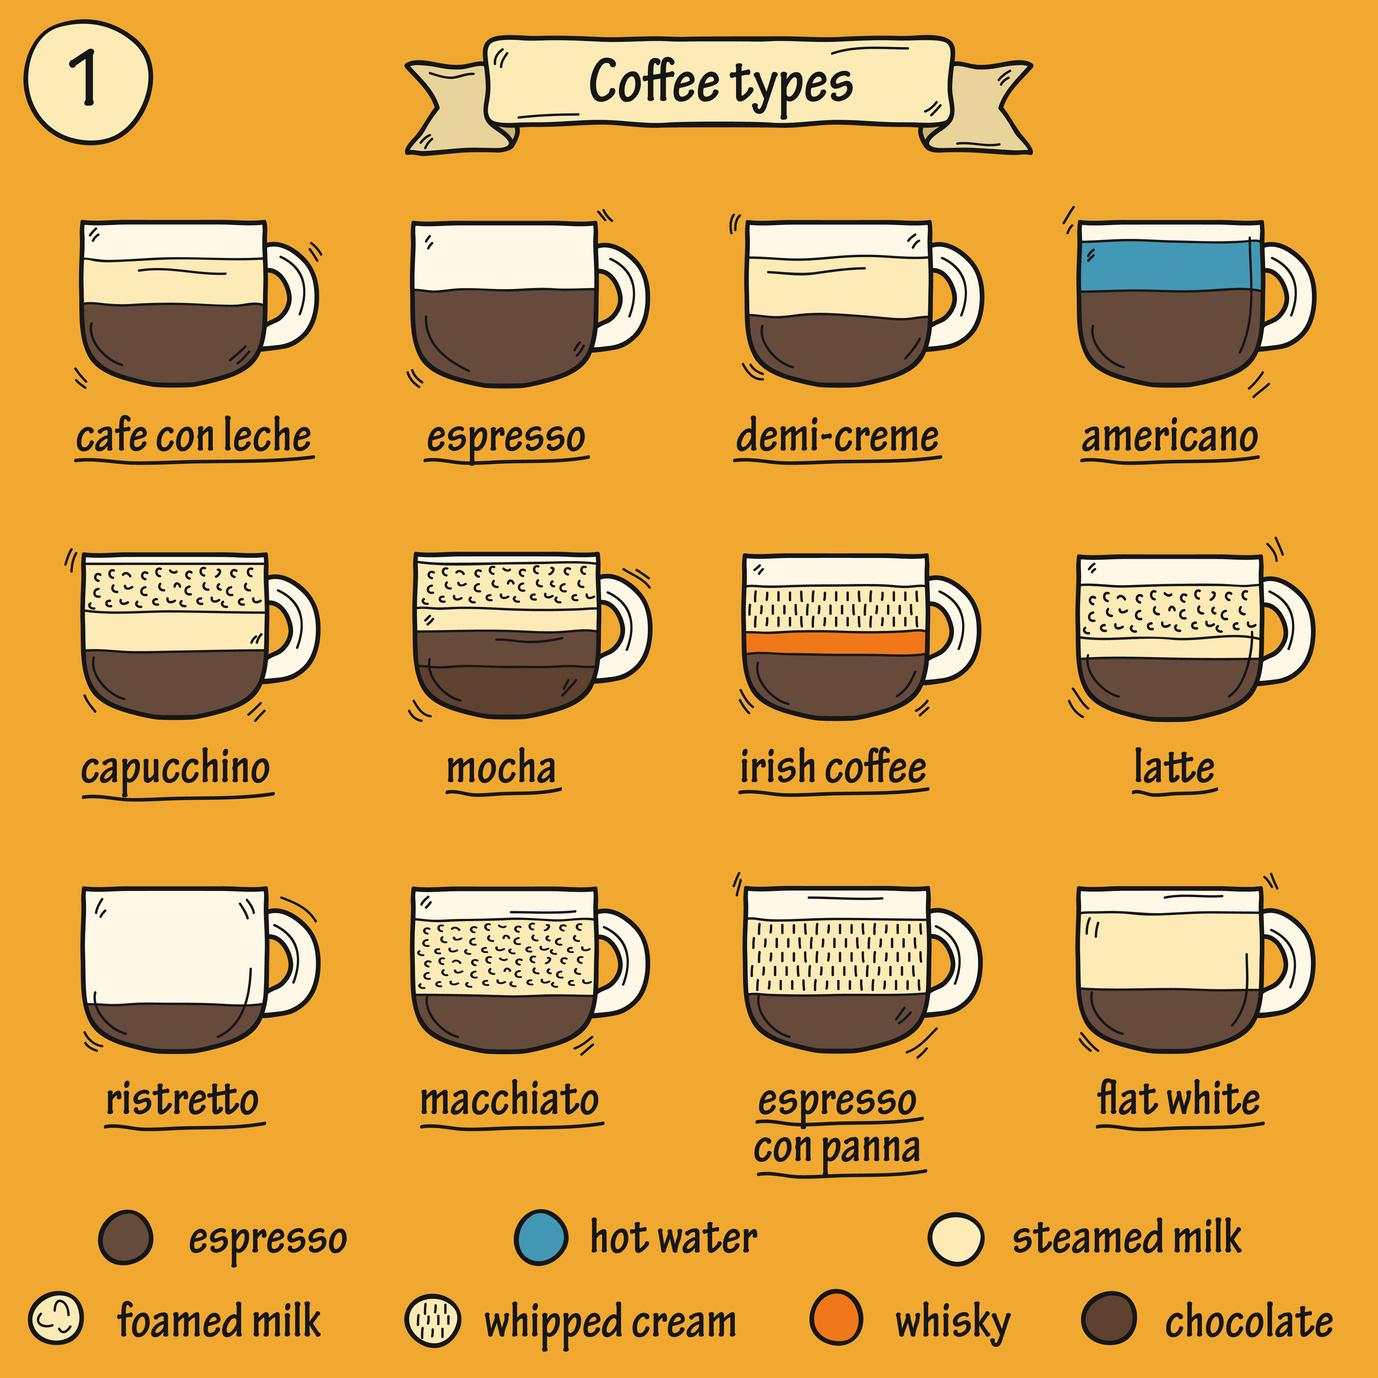 Black intense espresso